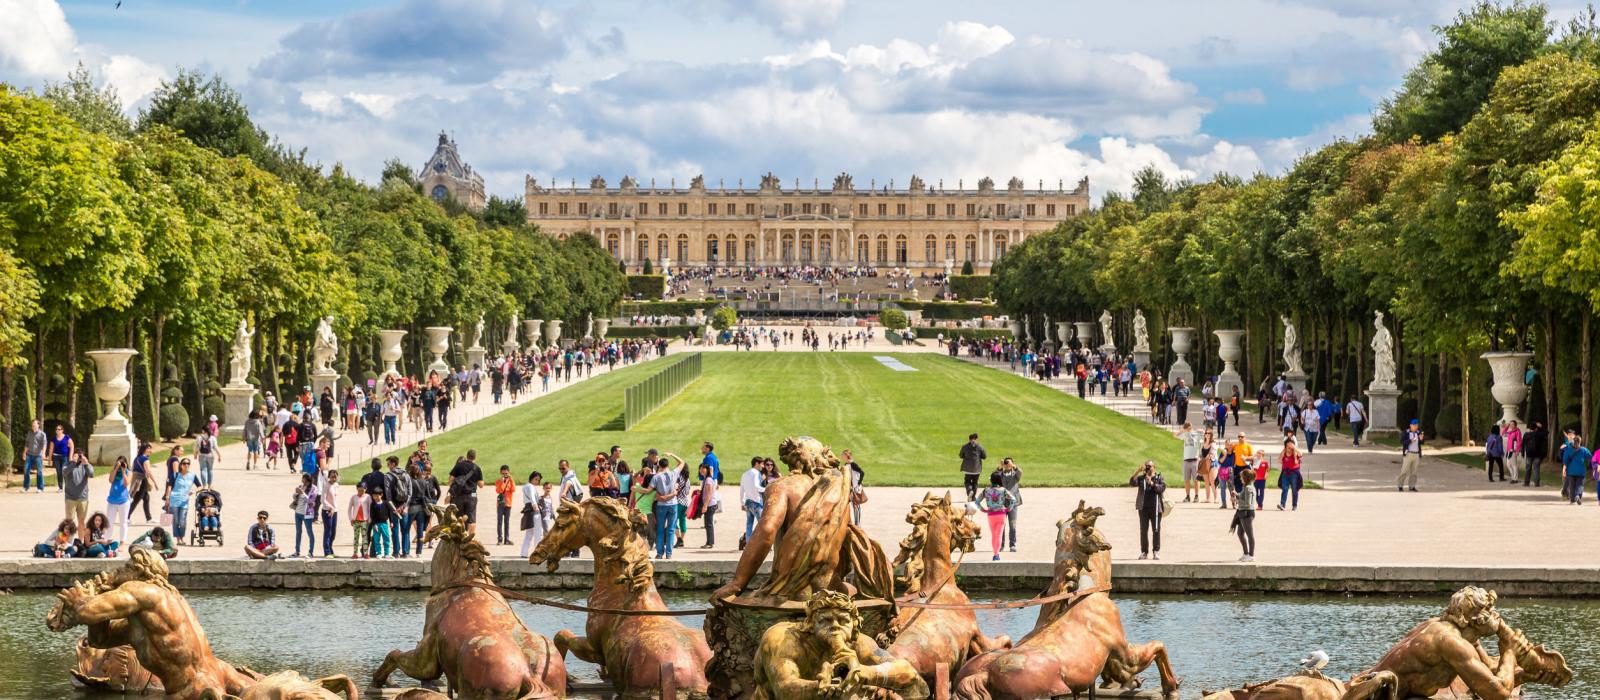 Les 10 lieux les plus visités de France